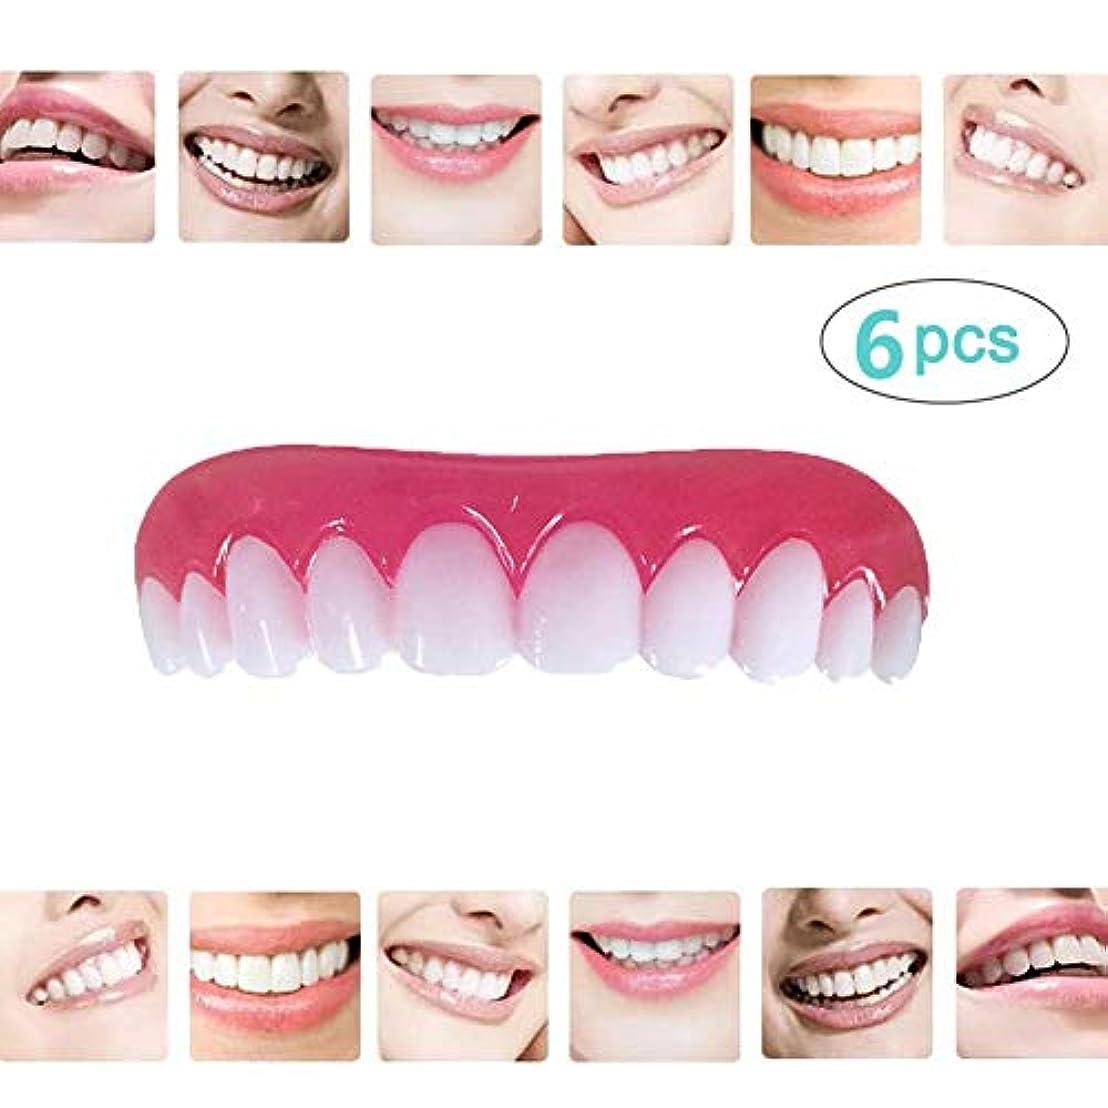 寝室機械的に敵意快適なコスメティックスマイルフェイクトゥースベニヤカバー、6個をホワイトニングする笑顔の歯にシリカゲルデンチャーパーフェクトフィットスナップ